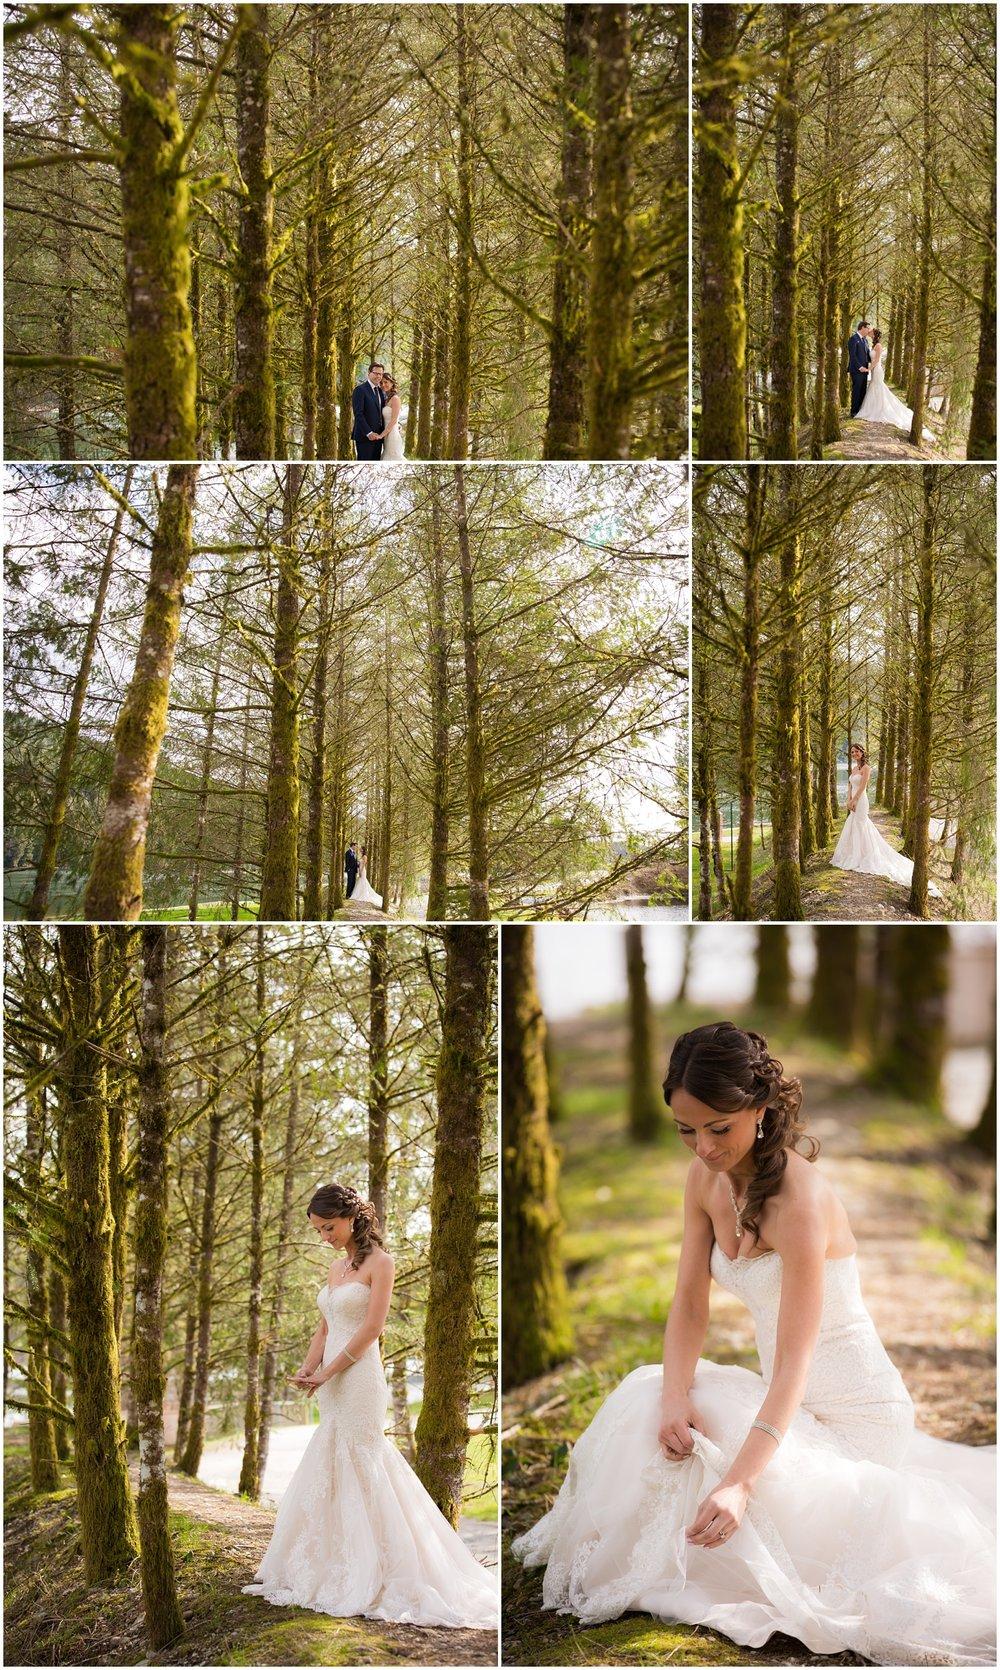 Amazing Day Photography - Mission Wedding Photographer - Hayward Lake Bridal Session - Langley Wedding Photographer (9).jpg